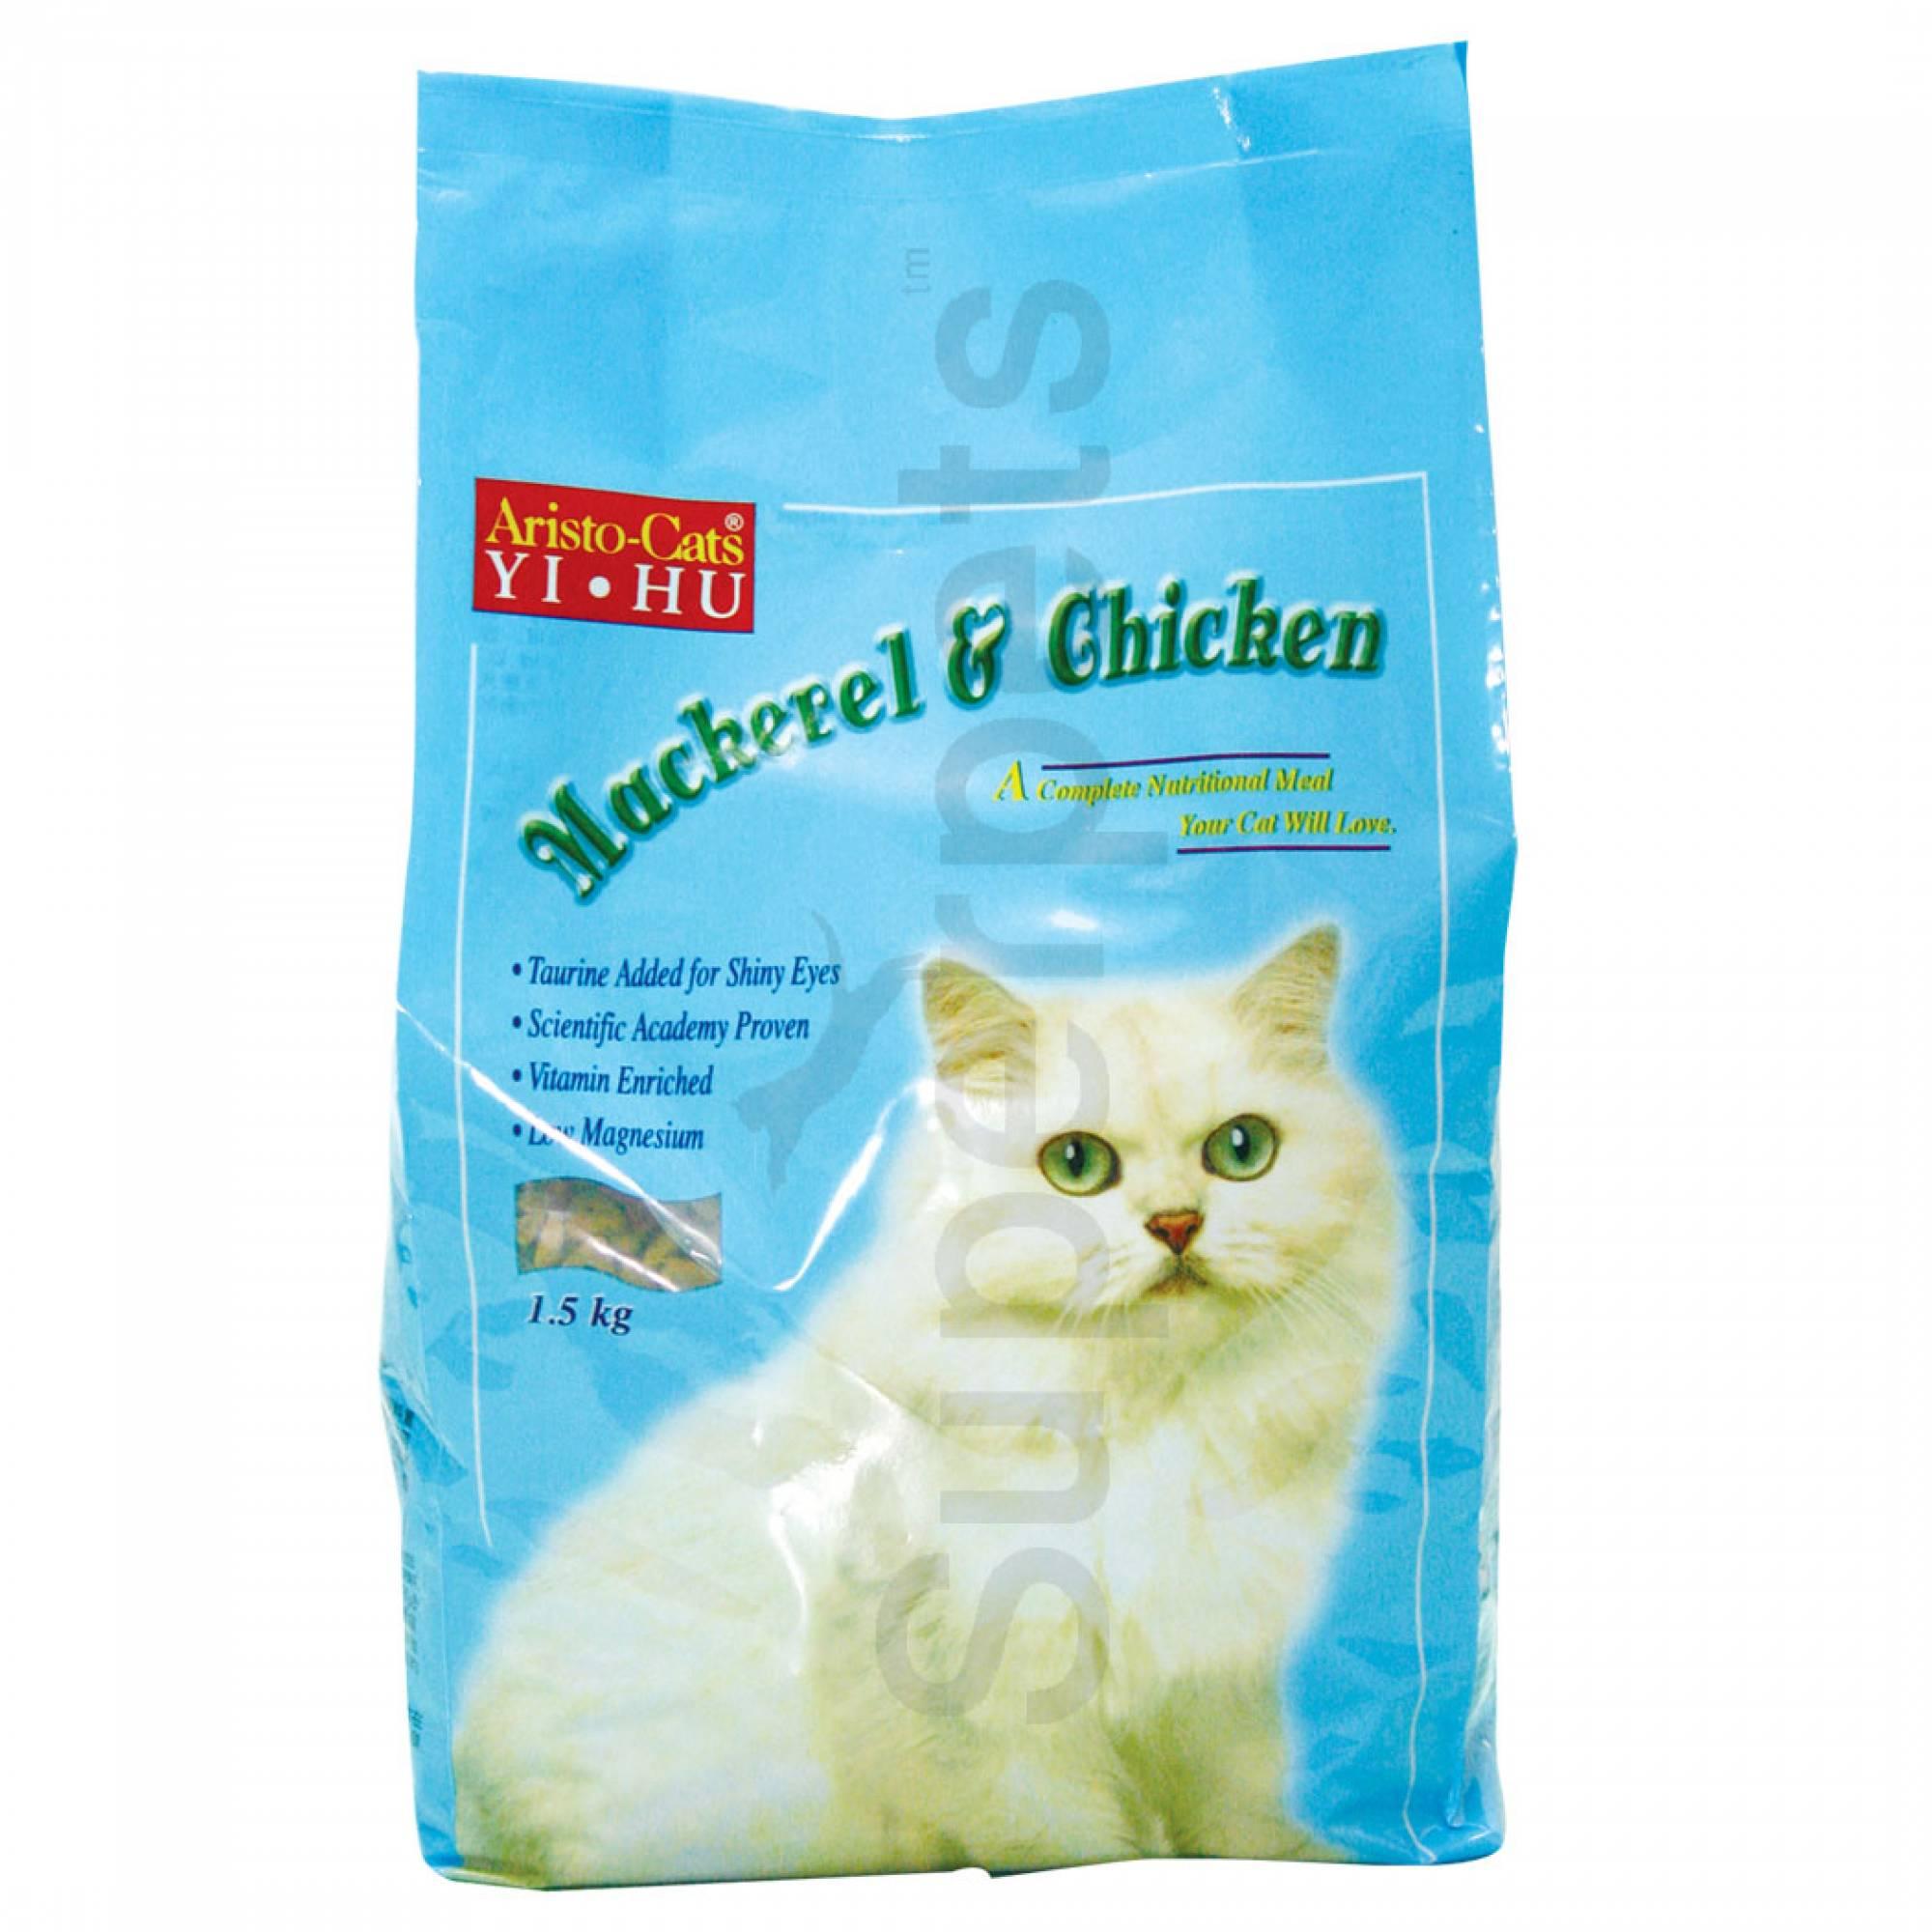 Aristo-Cats - Dry Food - Mackerel & Chicken 1.5kg